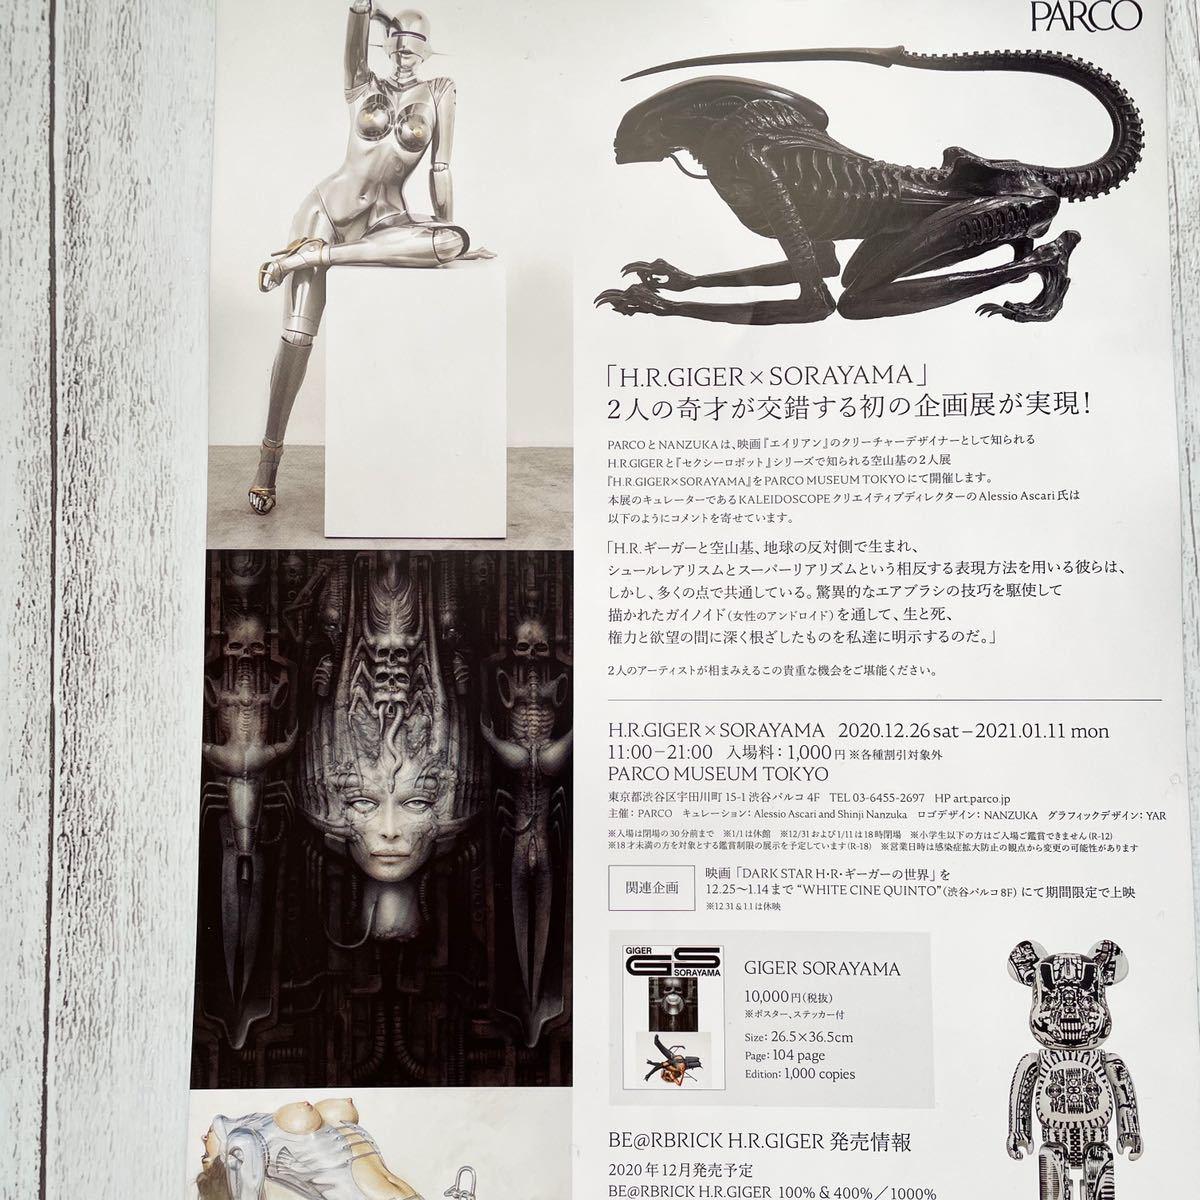 渋谷PARCO Gallery H.R.GIGER ハンス・リューディ・ギーガー × SORAYAMA 空山基 展 エイリアン_画像3